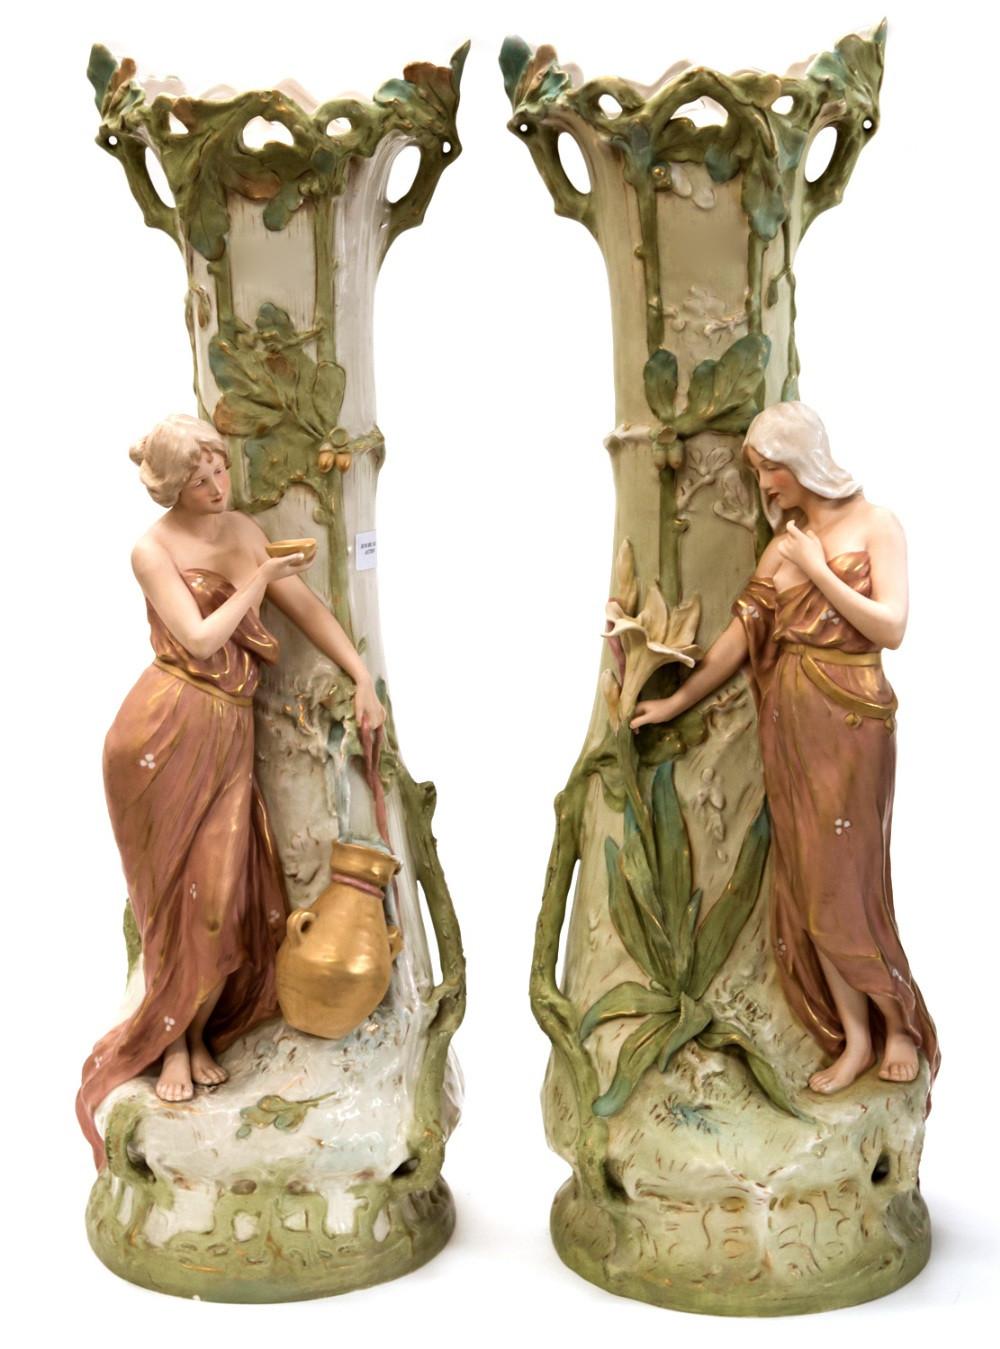 royal dux vases antique of f otto for royal dux a pair of large art nouveau figural vases within lot 234 f otto for royal dux a pair of large art nouveau figural